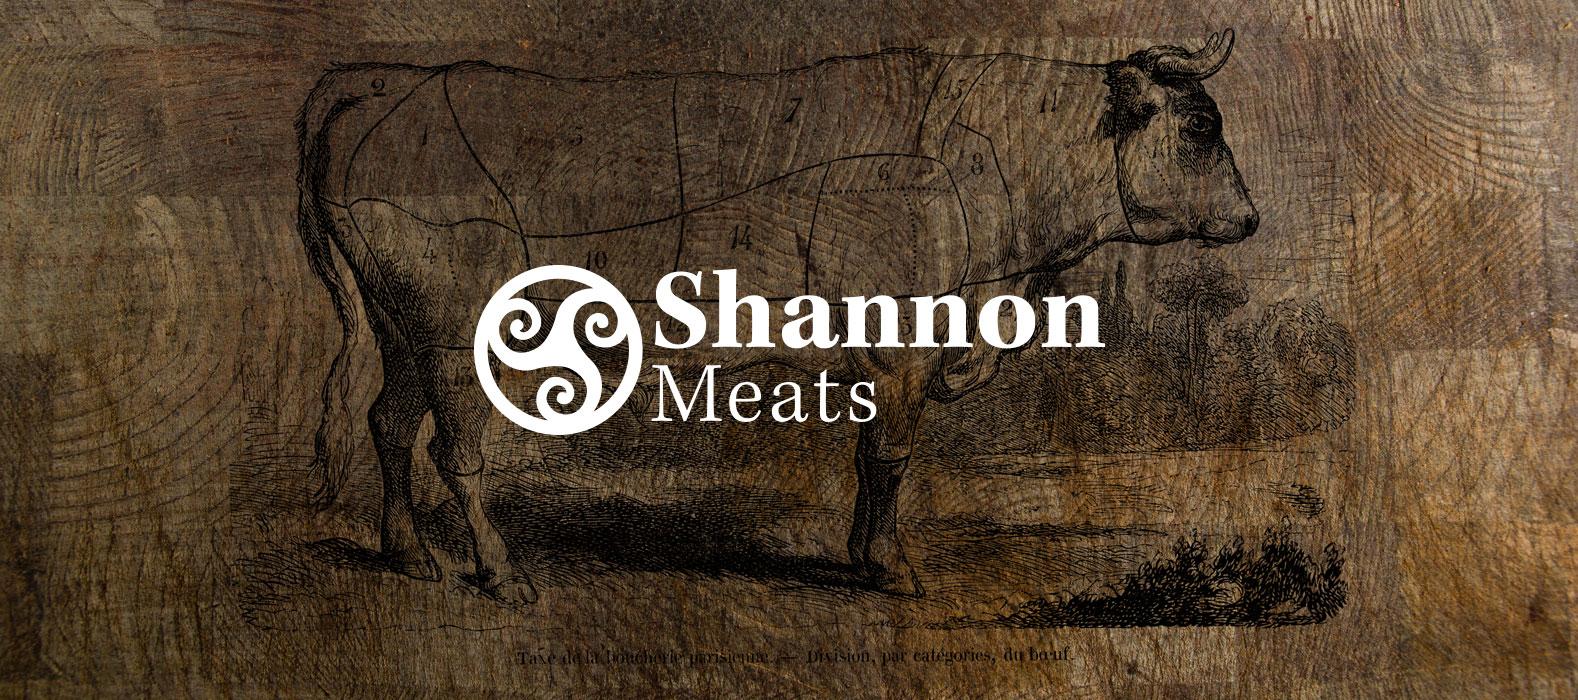 Een fraai plaatje bij Shannon Meats